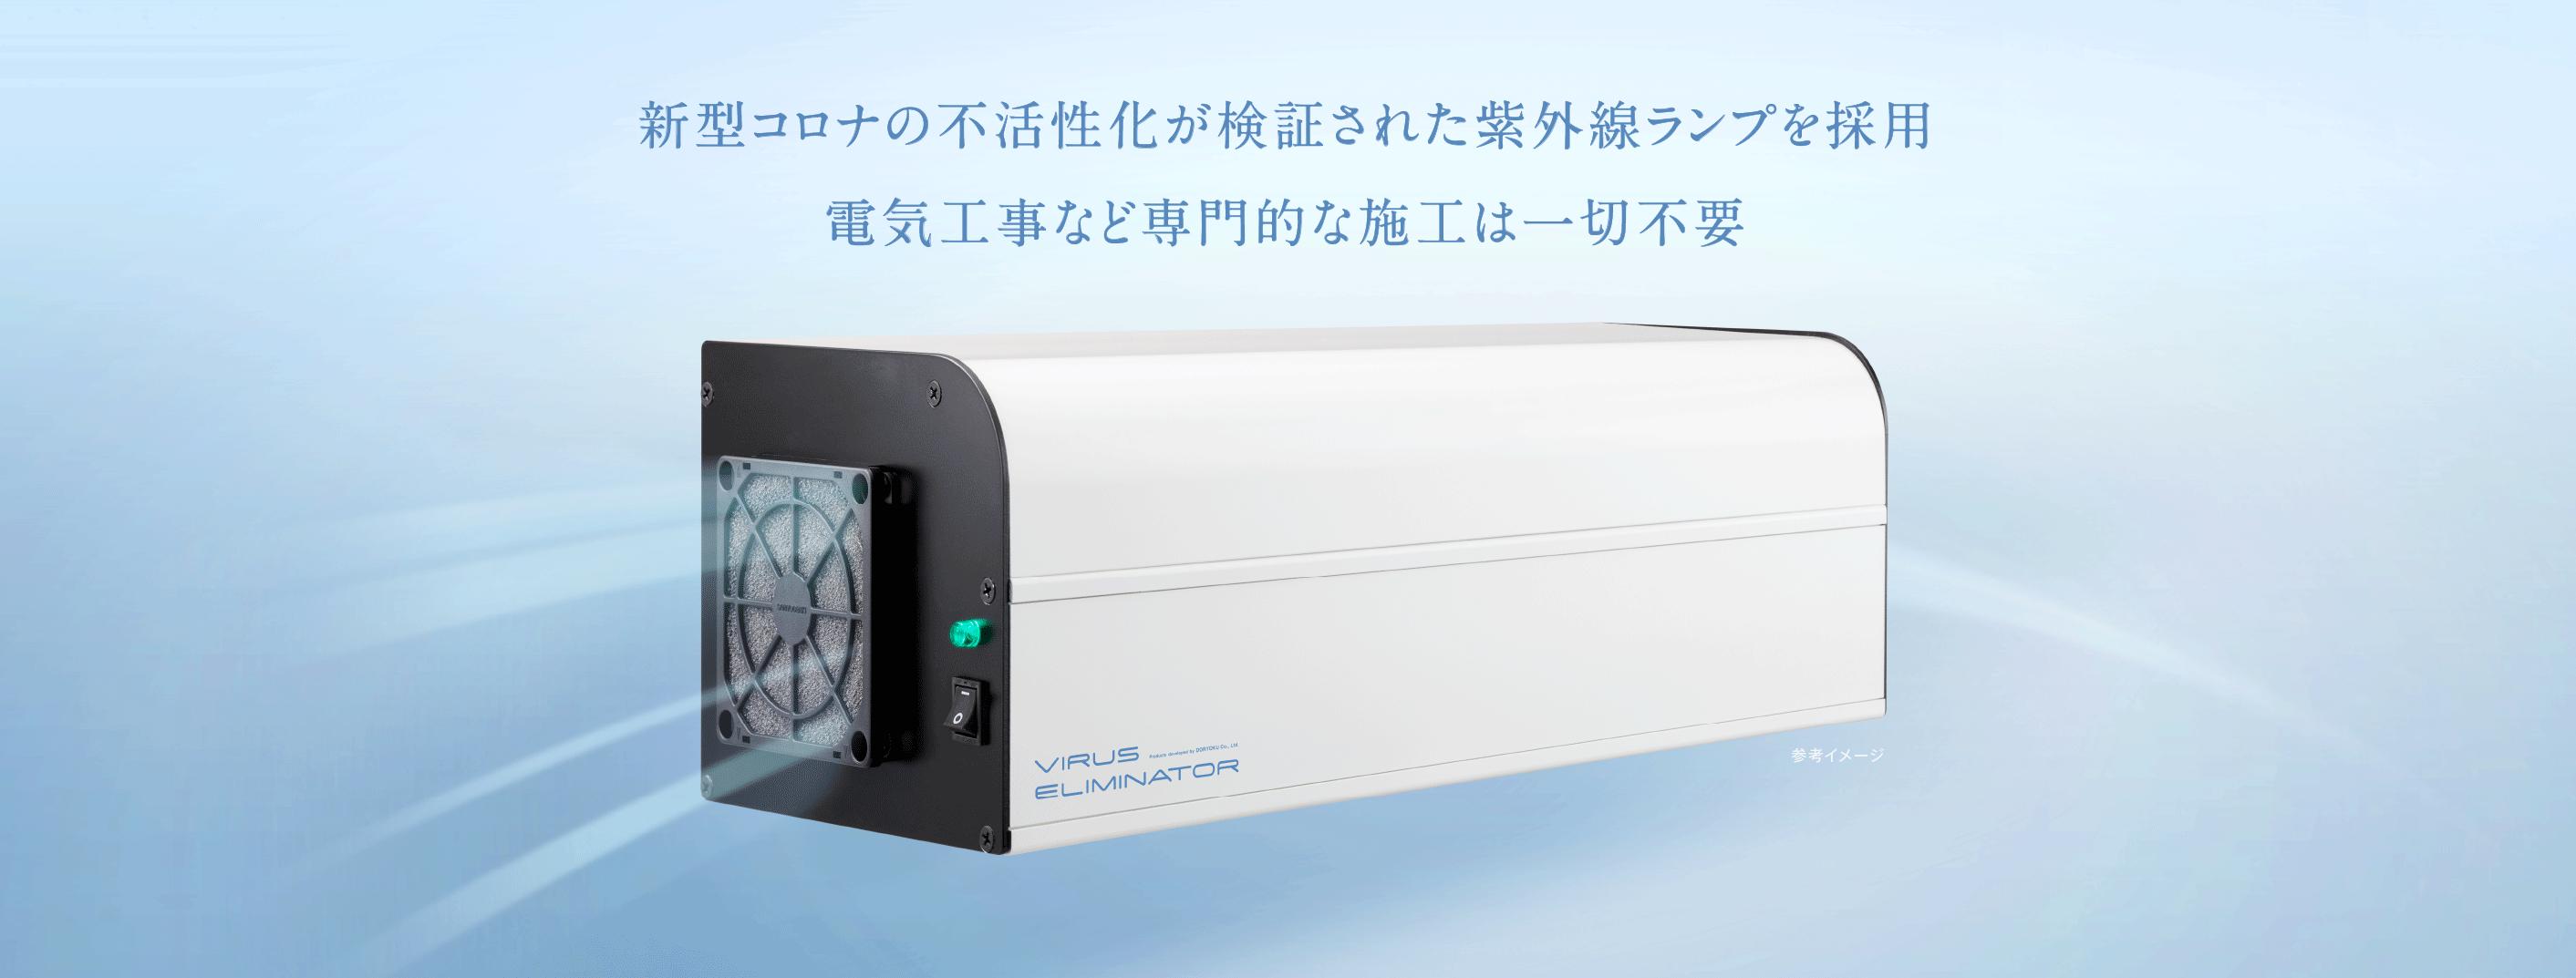 新型コロナの滅菌効果が検証された紫外線ランプを採用 電気工事など専門的な施工は一切不要